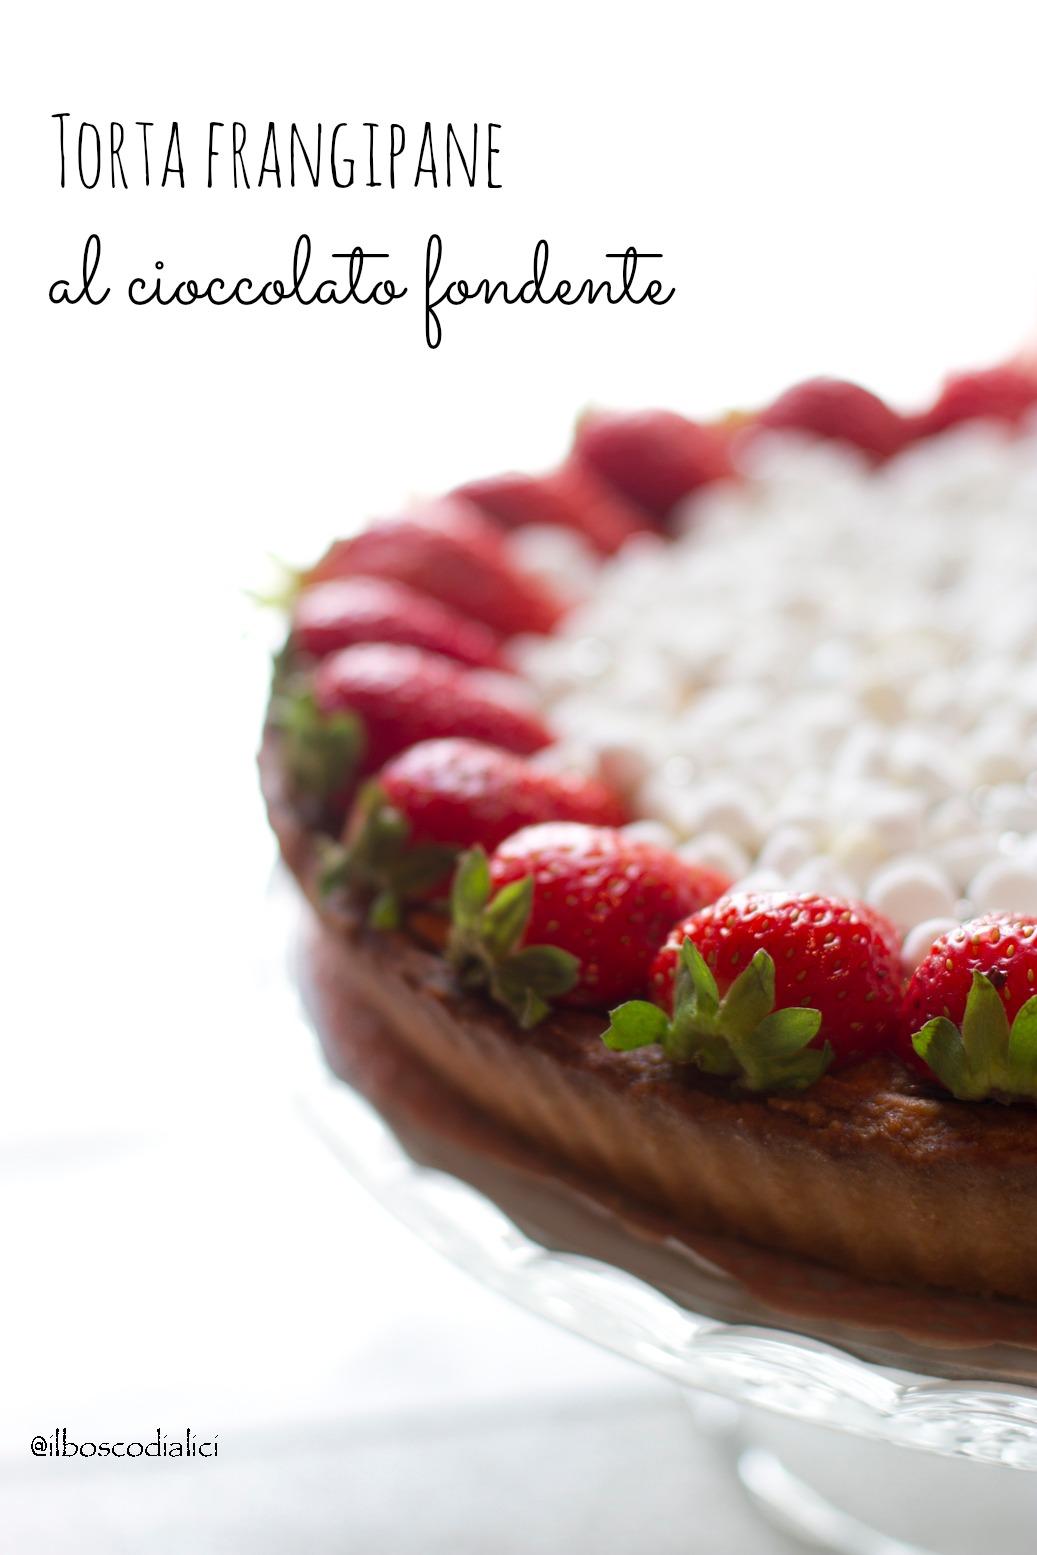 torta frangipane al cioccolato.......quando una torta da credenza si crede una regina